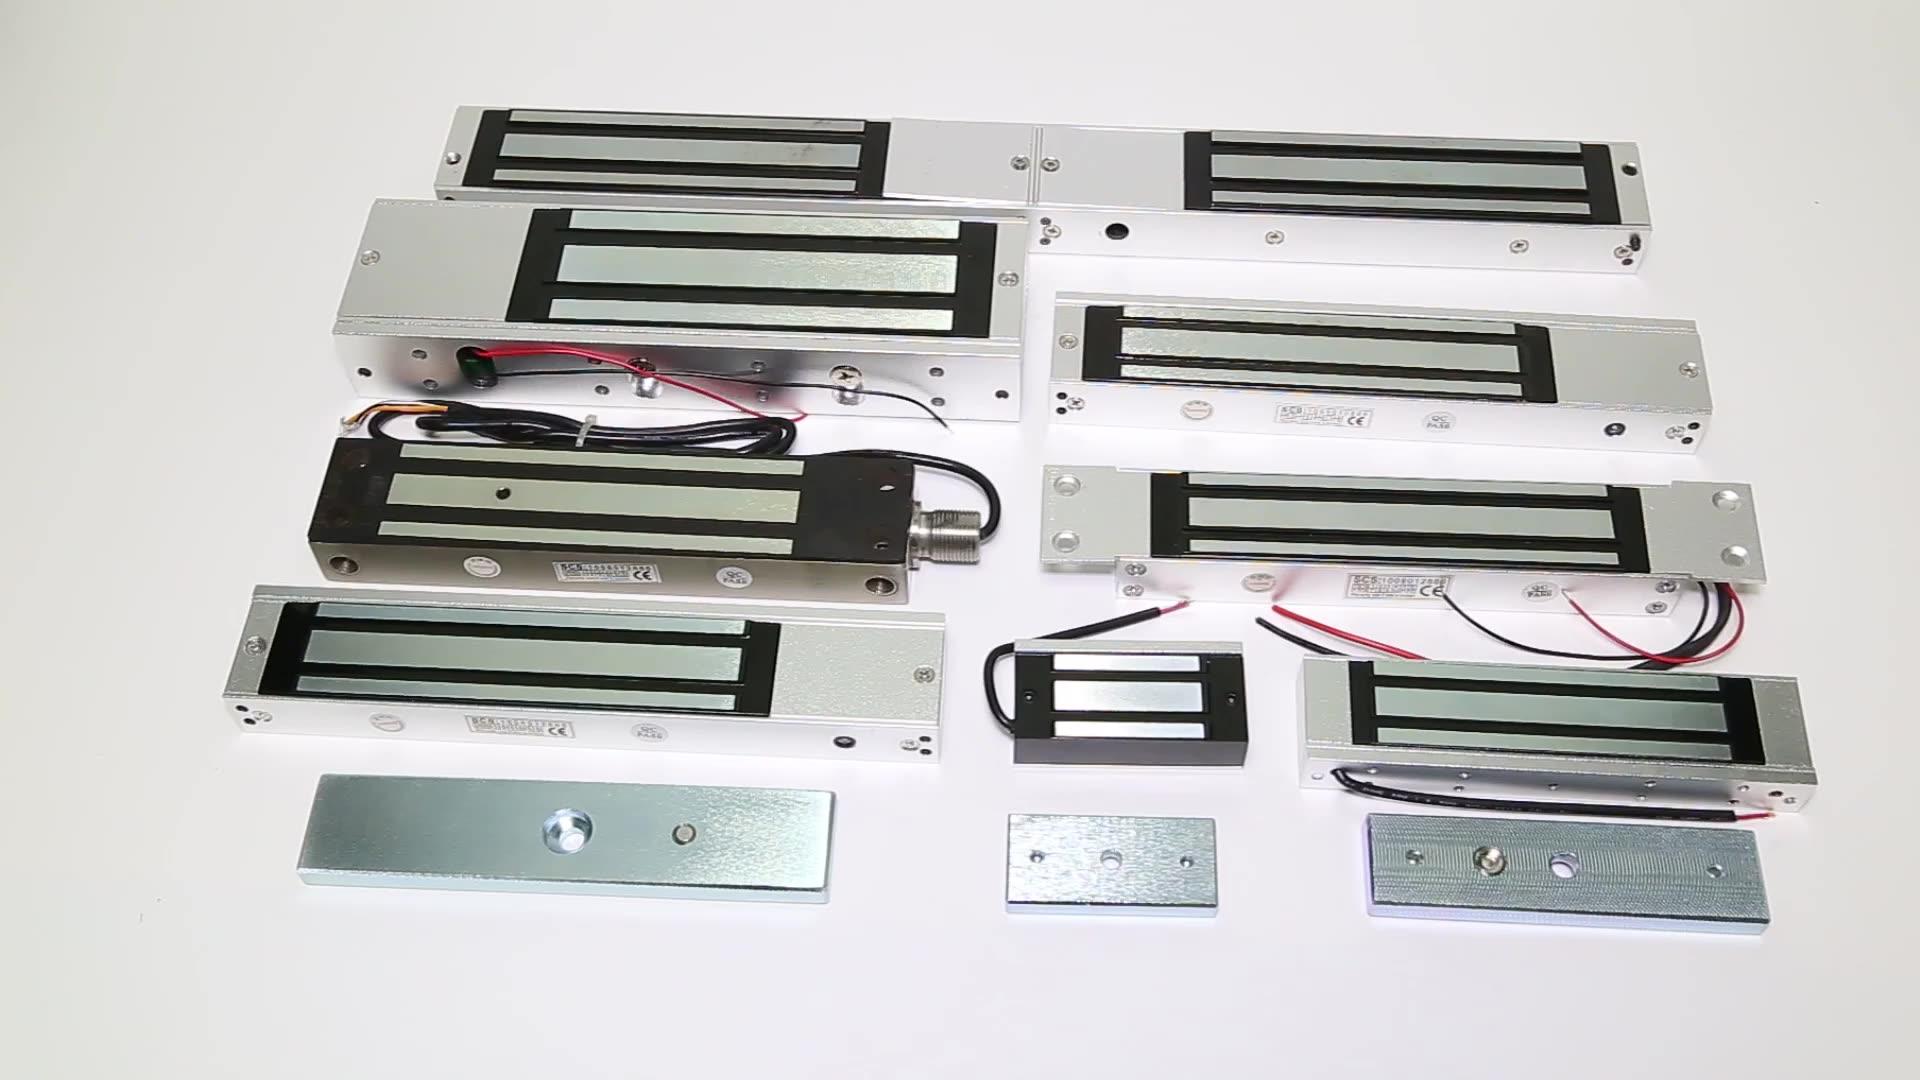 60KG serratura elettromagnetica con L staffa per cabinet piccolo serratura elettromagnetica